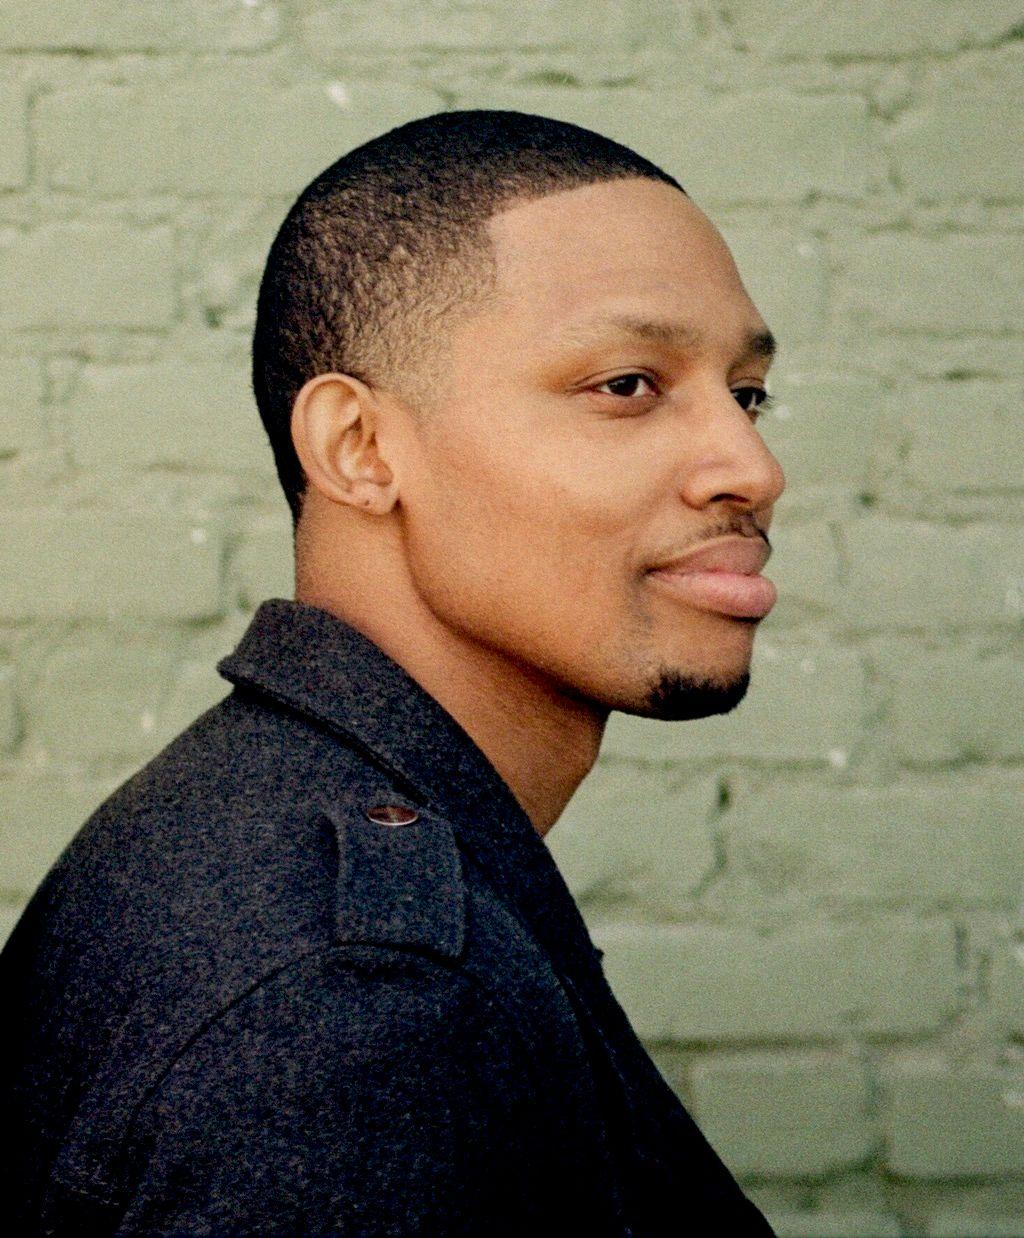 Yoosuf Blake (Music Producer / Songwriter)